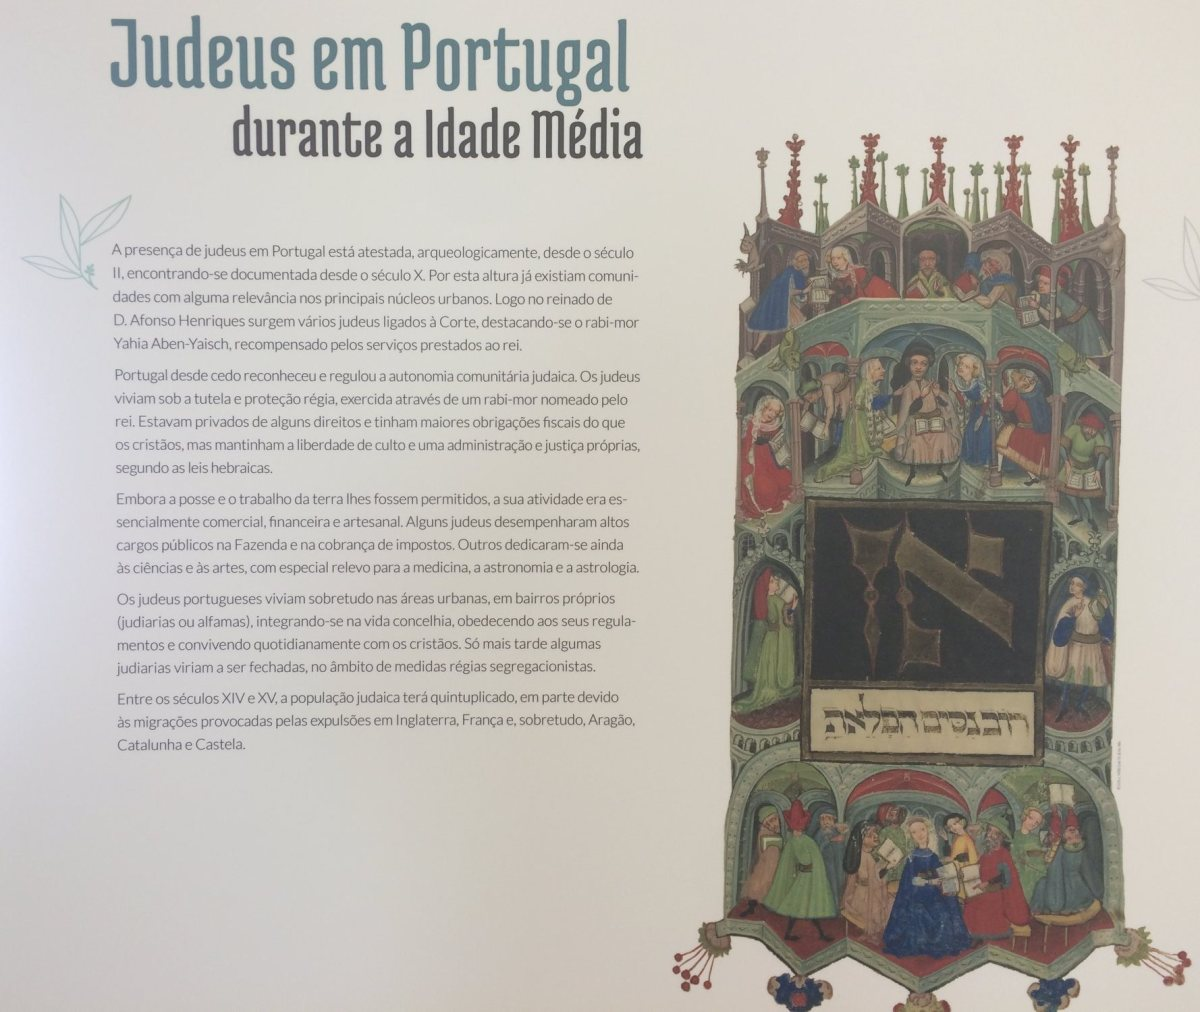 Centro de Interpretación de la Comunidad judía, Portugal.